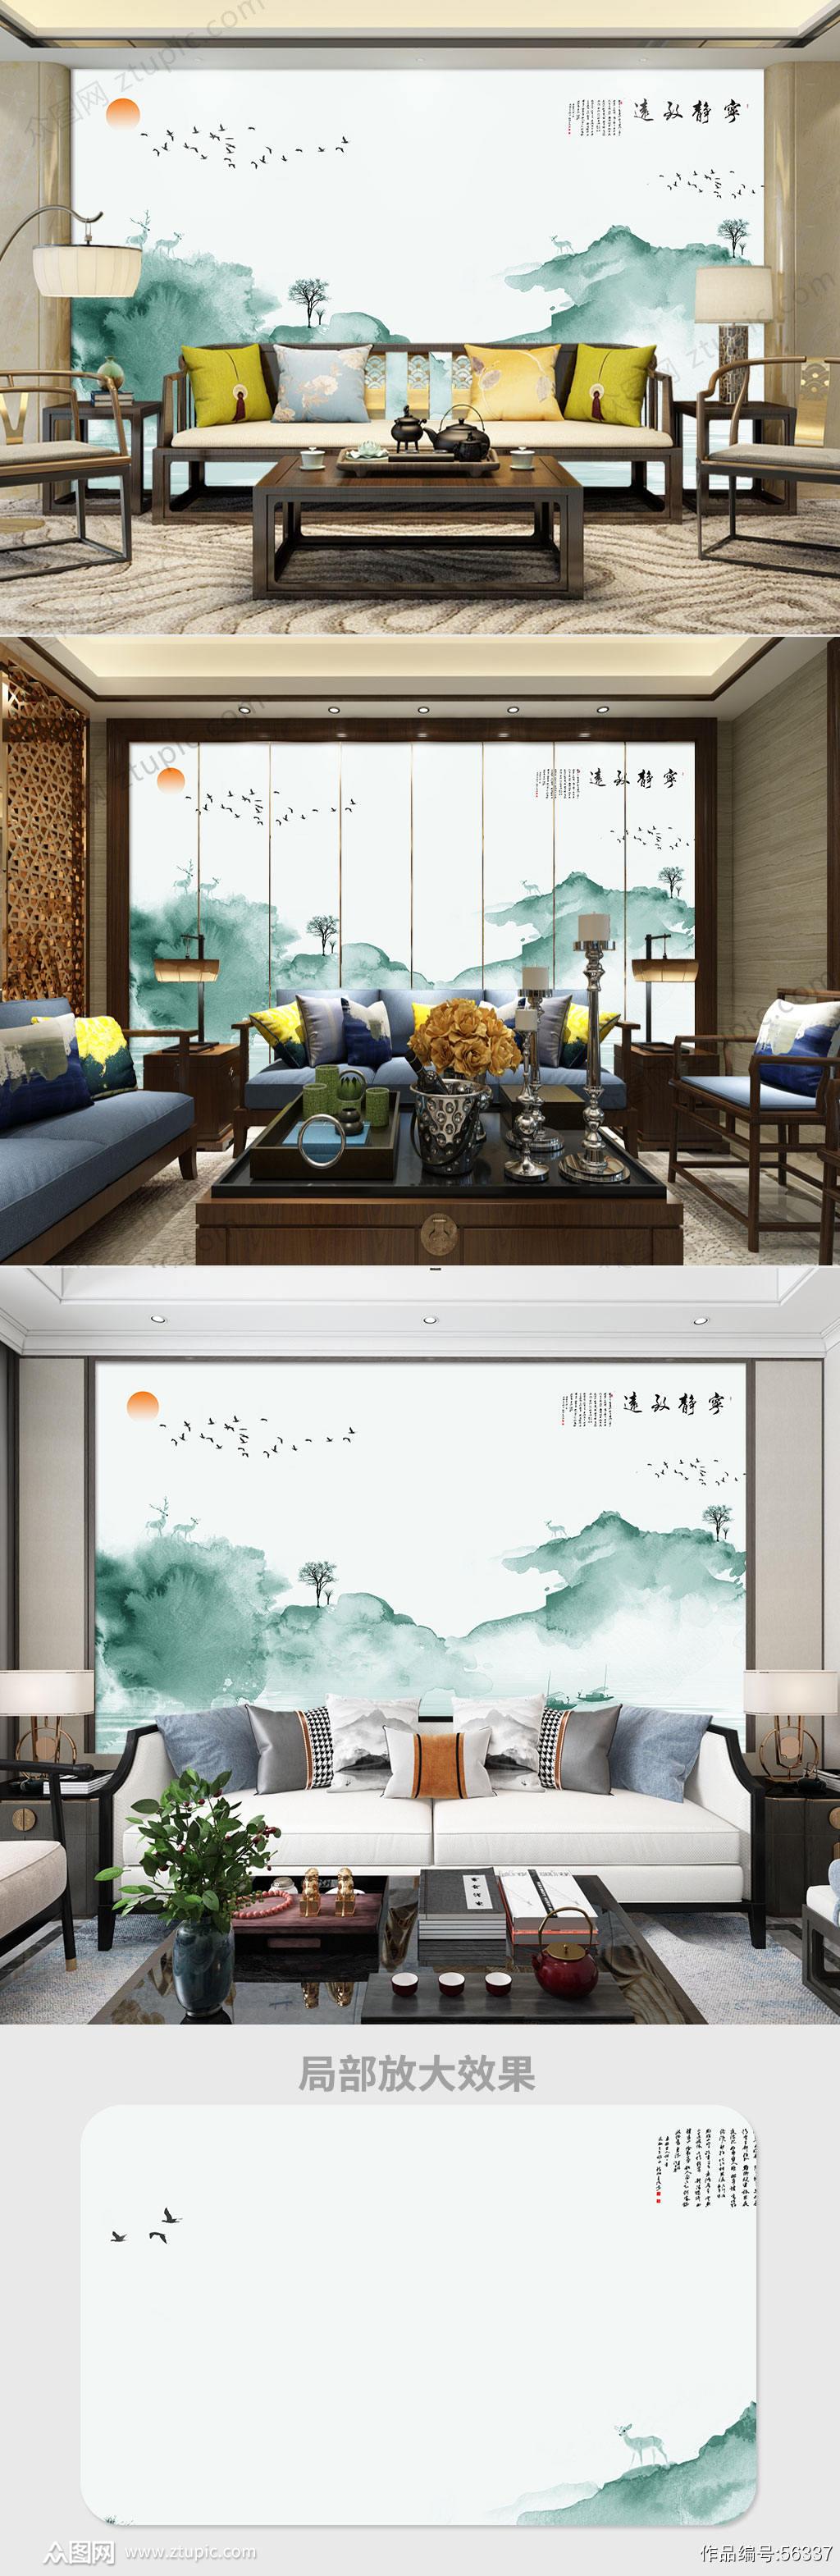 中式山水宁静致远背景墙素材